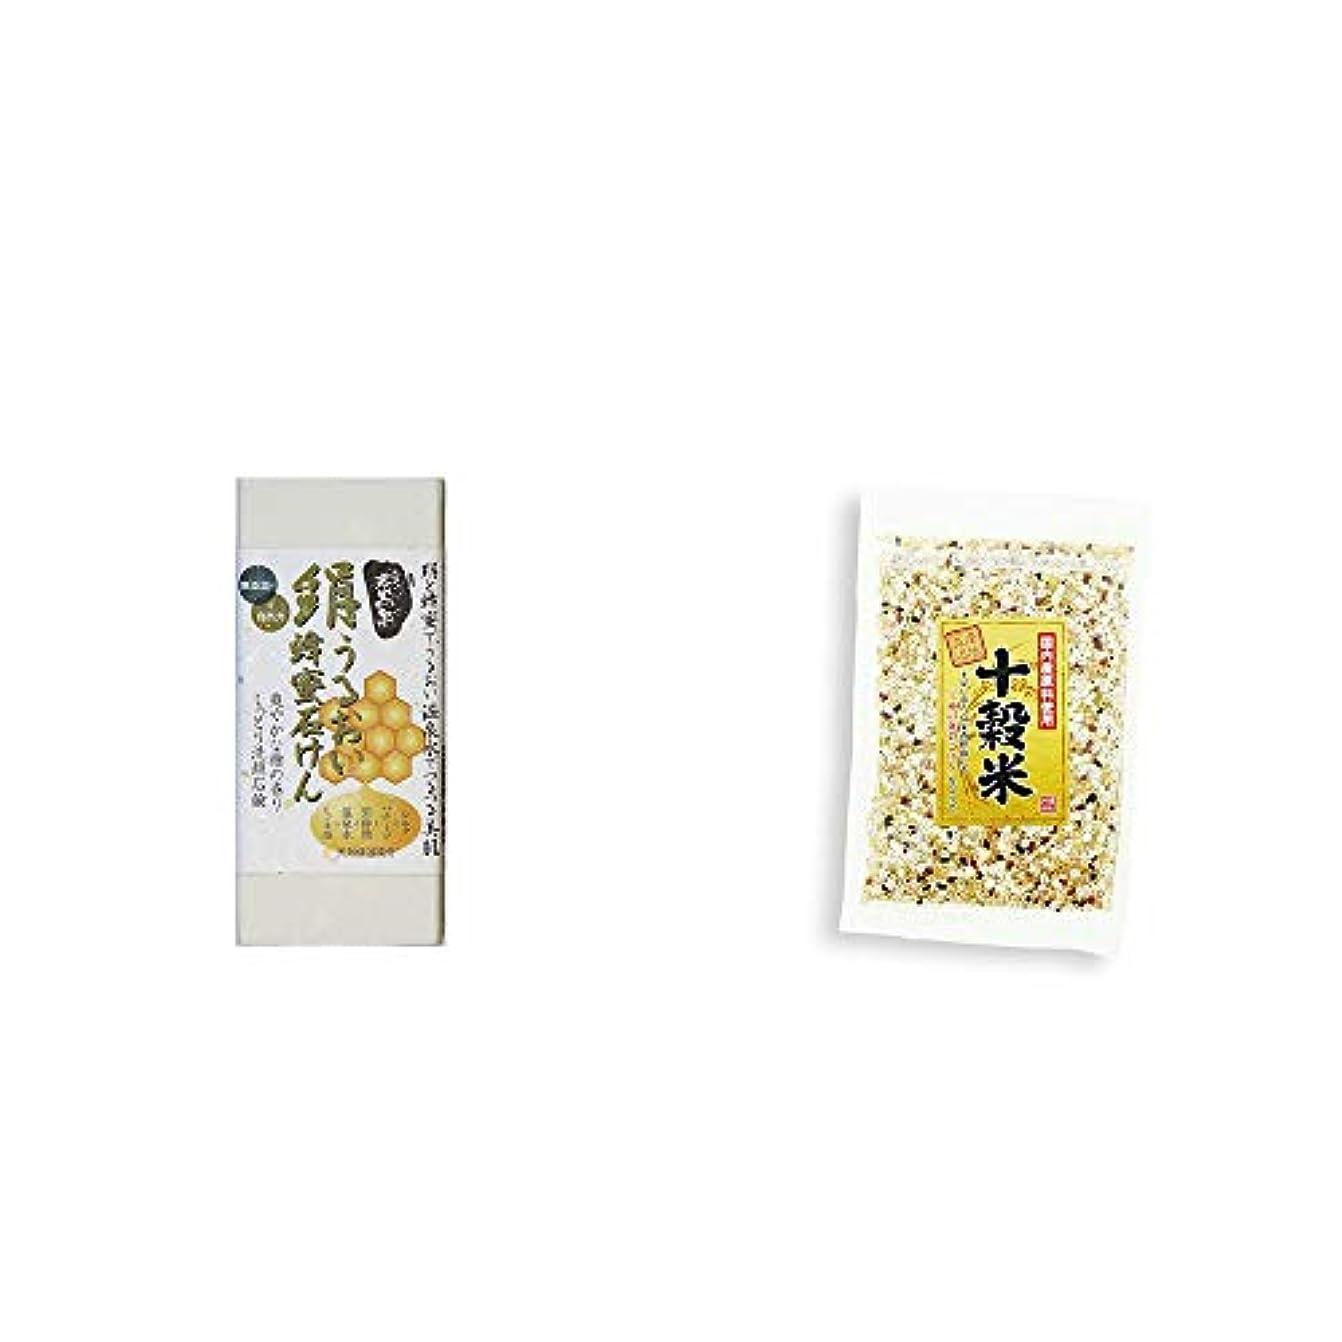 ホステスイソギンチャク食べる[2点セット] ひのき炭黒泉 絹うるおい蜂蜜石けん(75g×2)?国産原料使用 十穀米(300g)